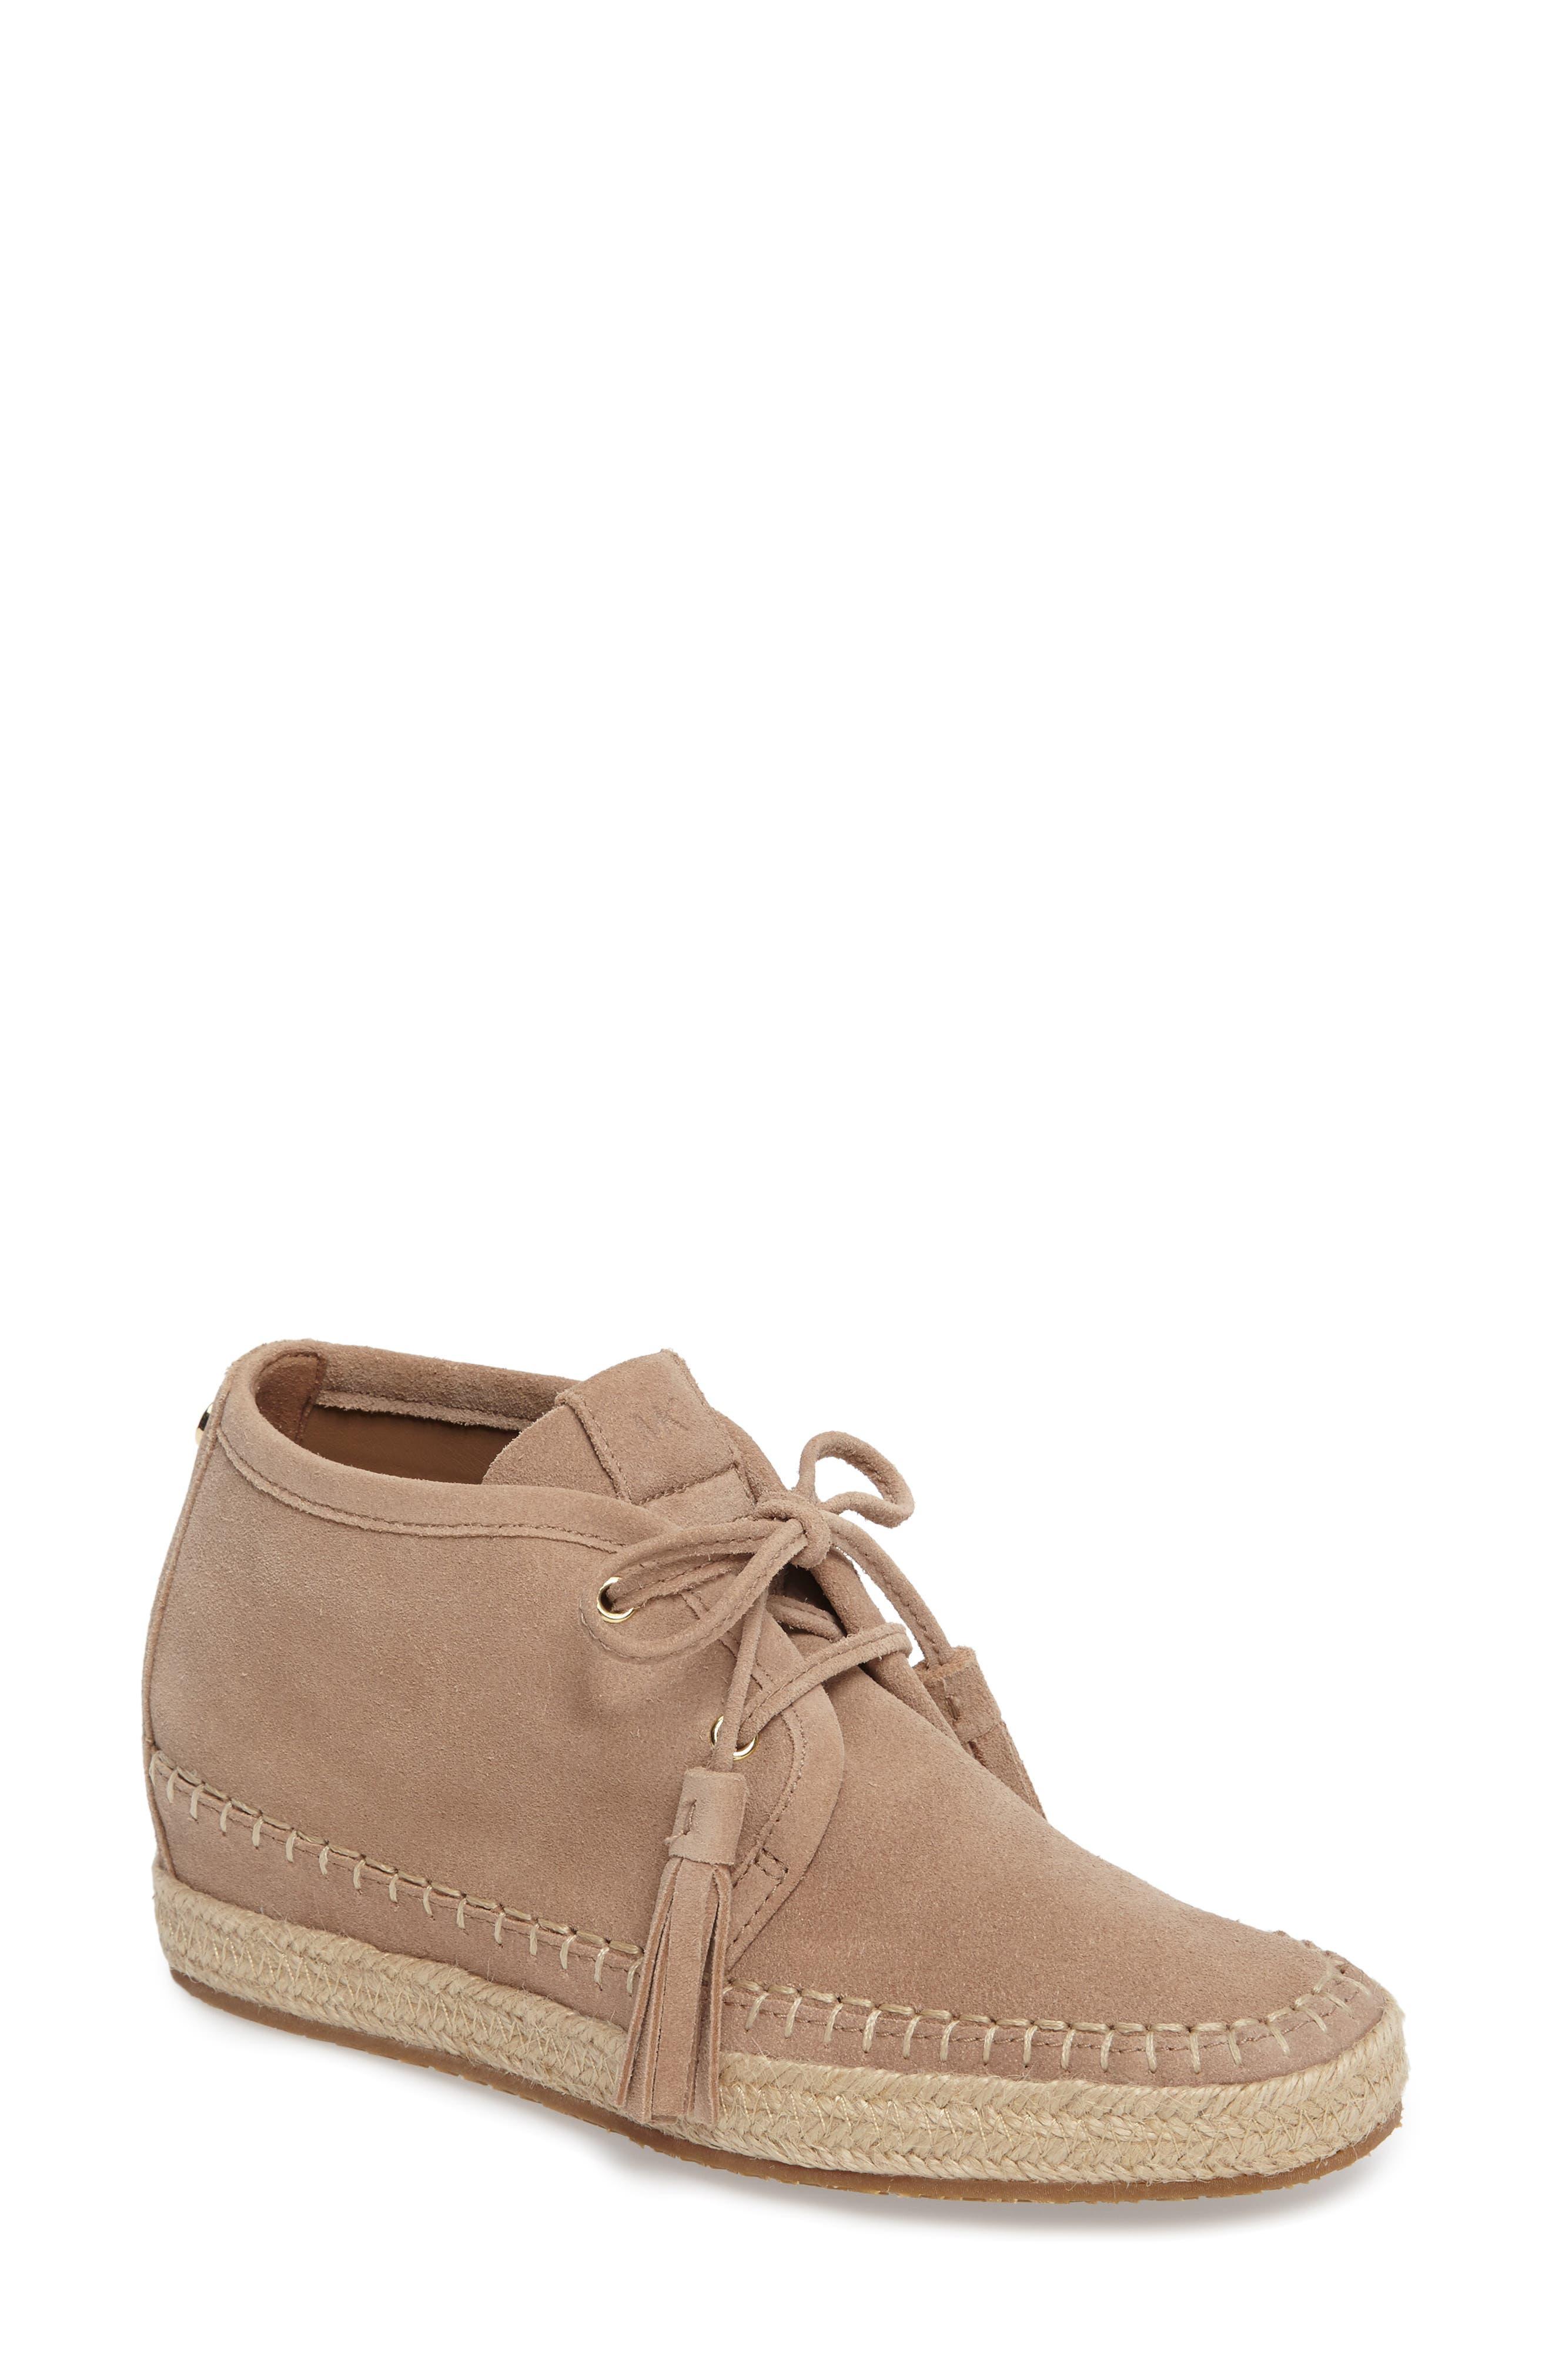 Kendrick Wedge Sneaker,                             Main thumbnail 1, color,                             250